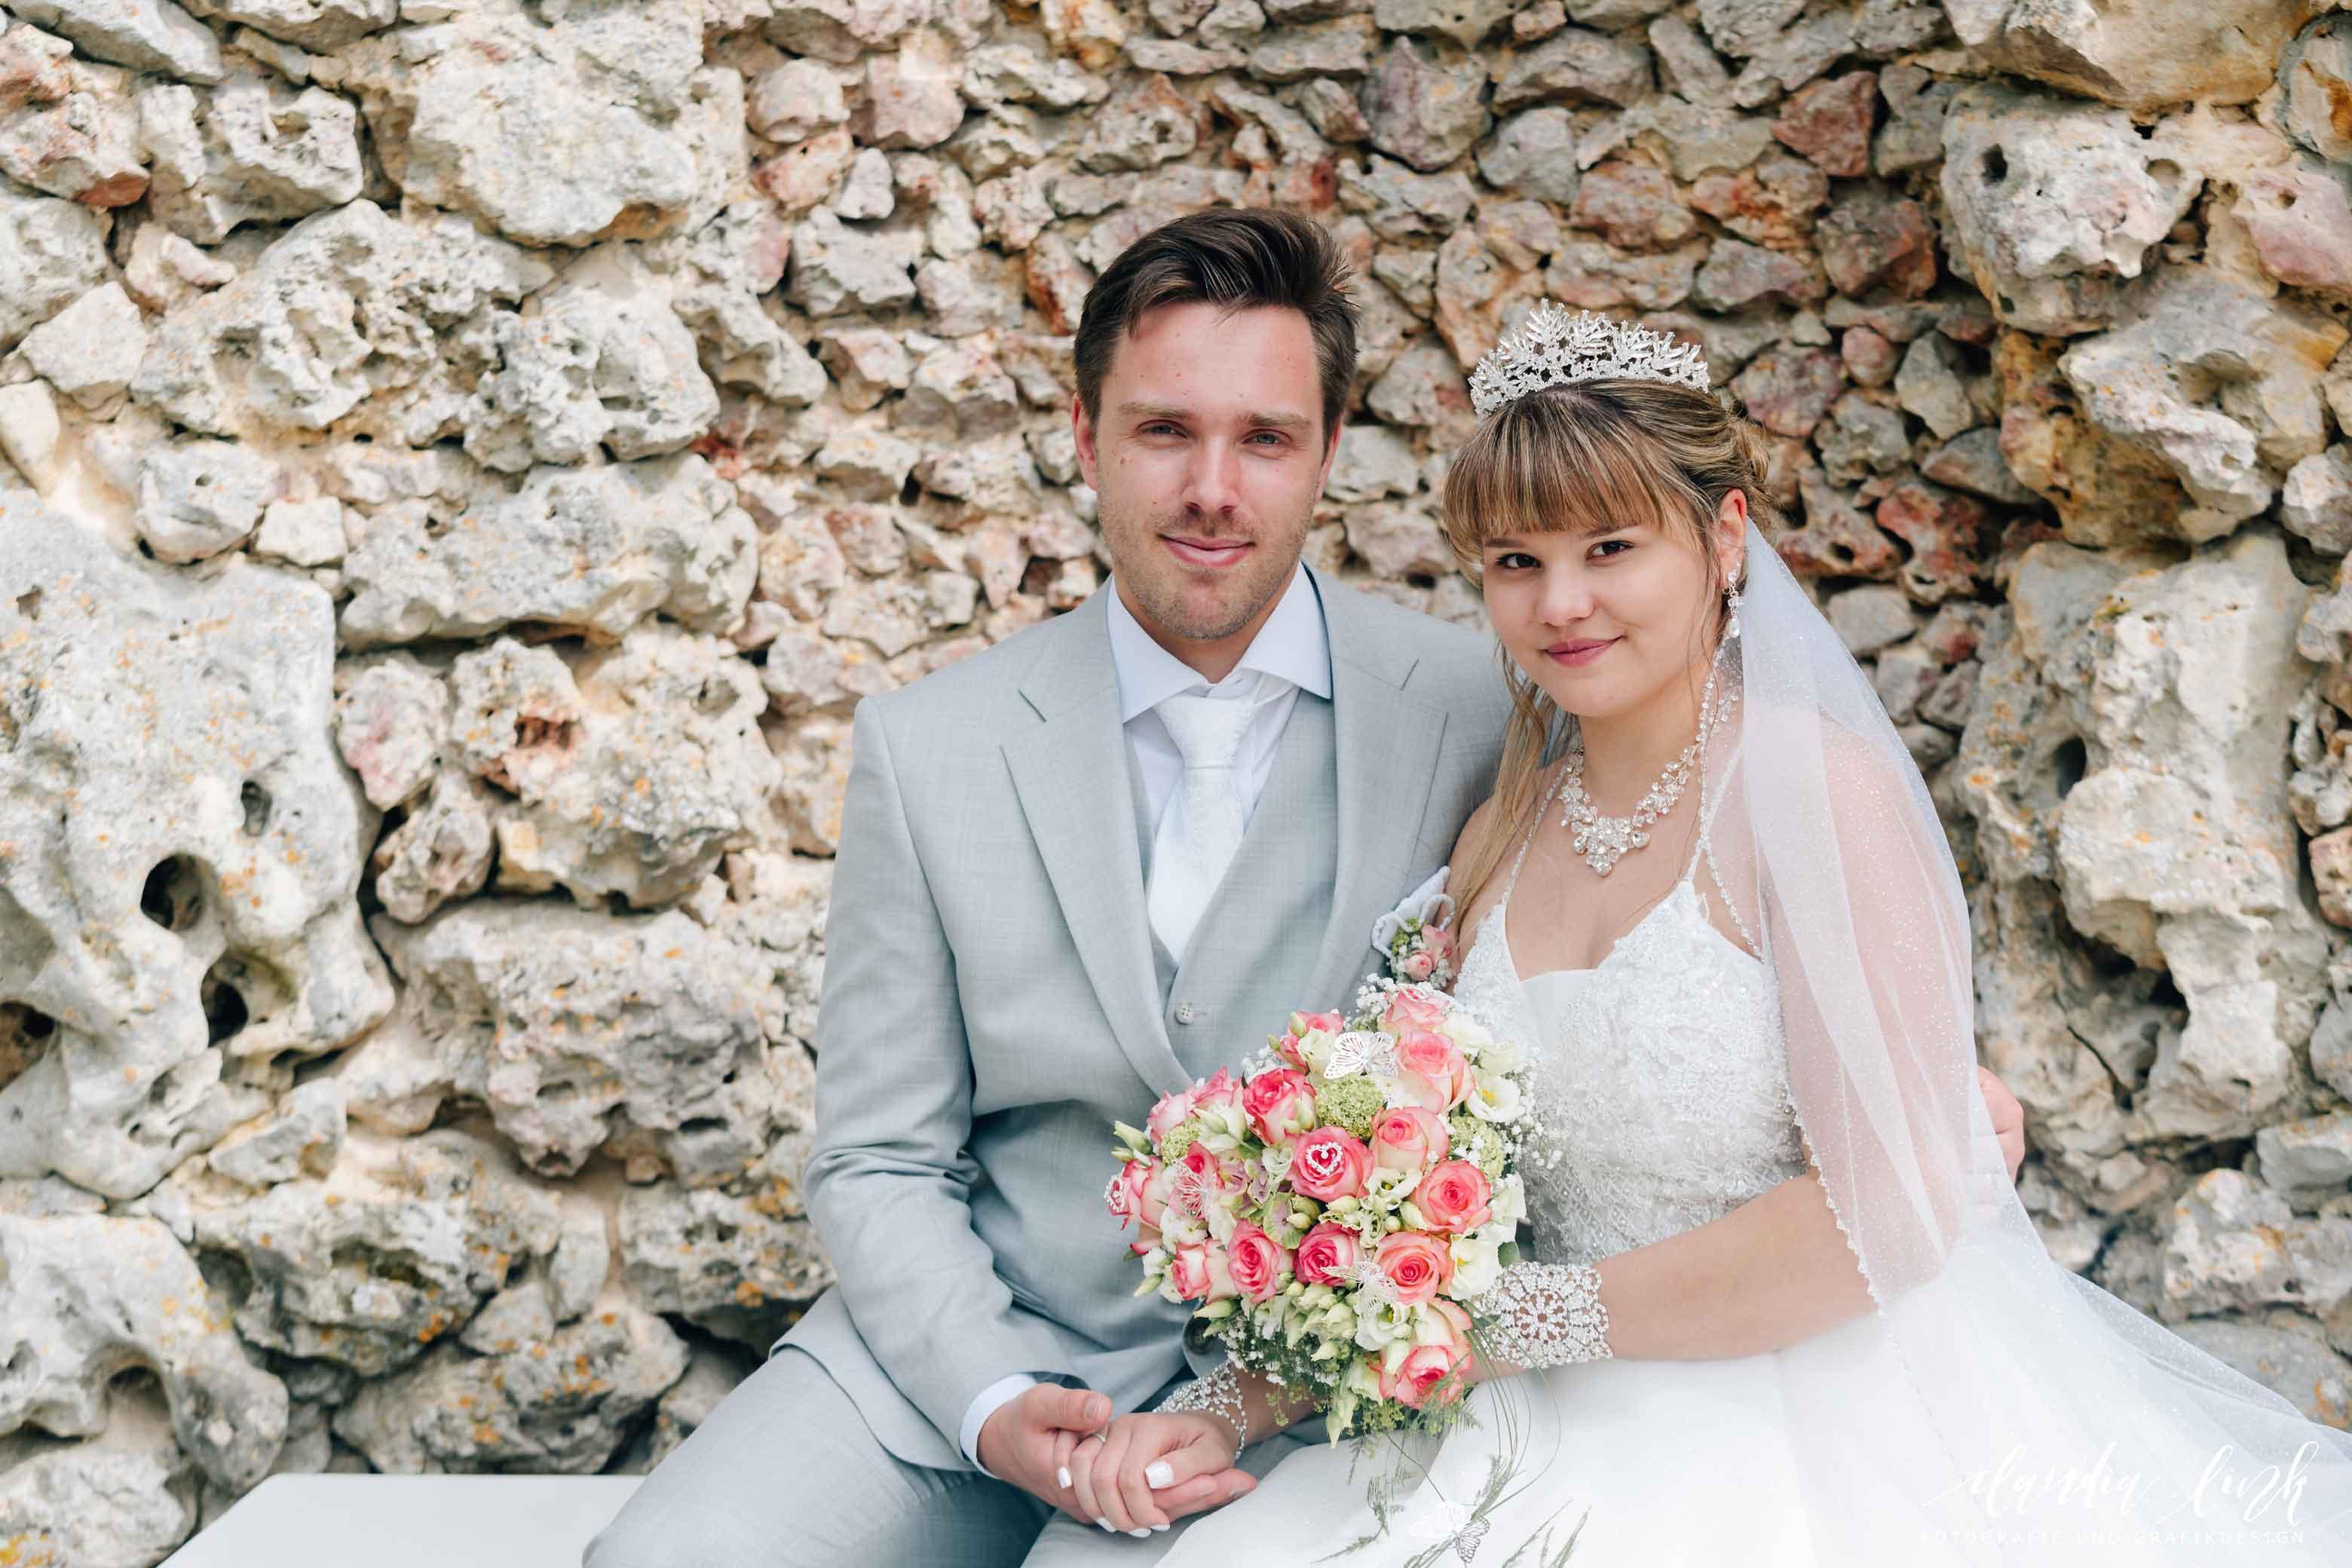 Kirchliche Hochzeit in Corona-Zeiten im fränkischen Burgkunstadt IMG 0374w